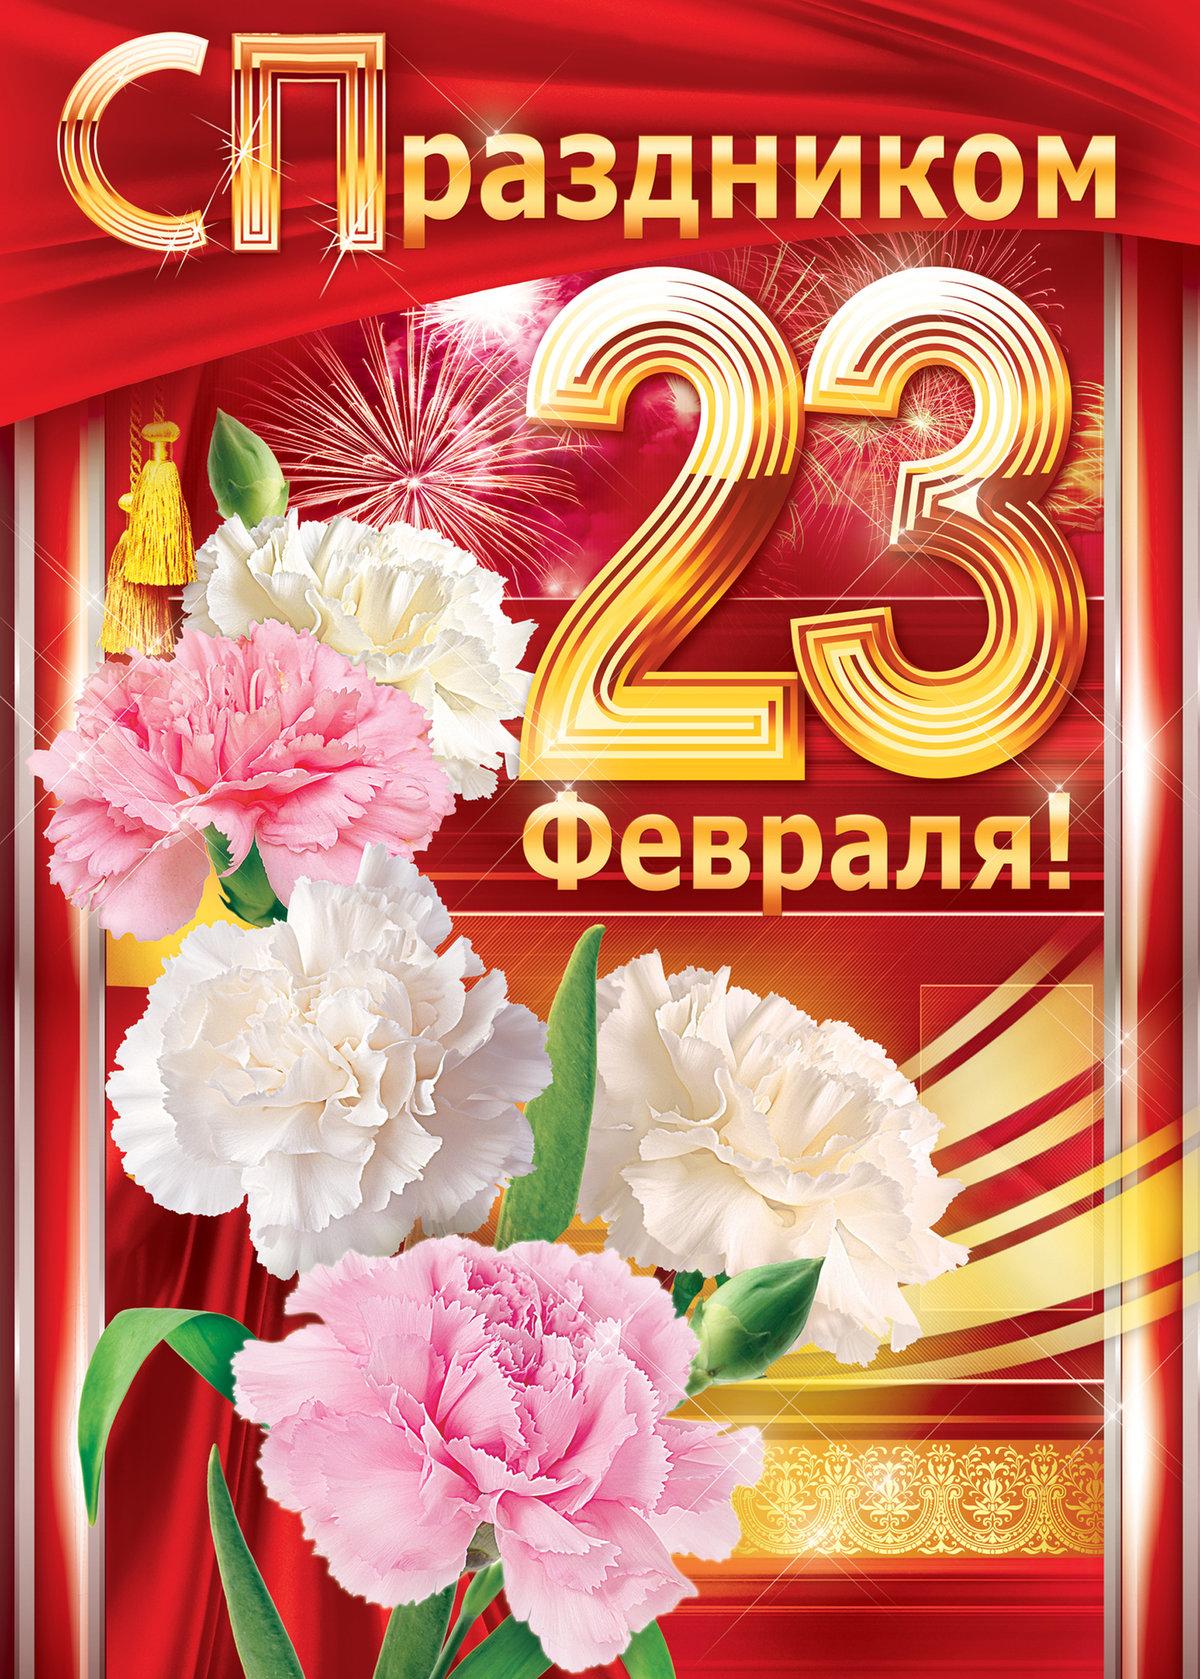 ❶Красивыекартинки с 23 февраля Поздравление с 23 февраля не служившему картинки на 23 февраля красивые поздравления с GIFs }